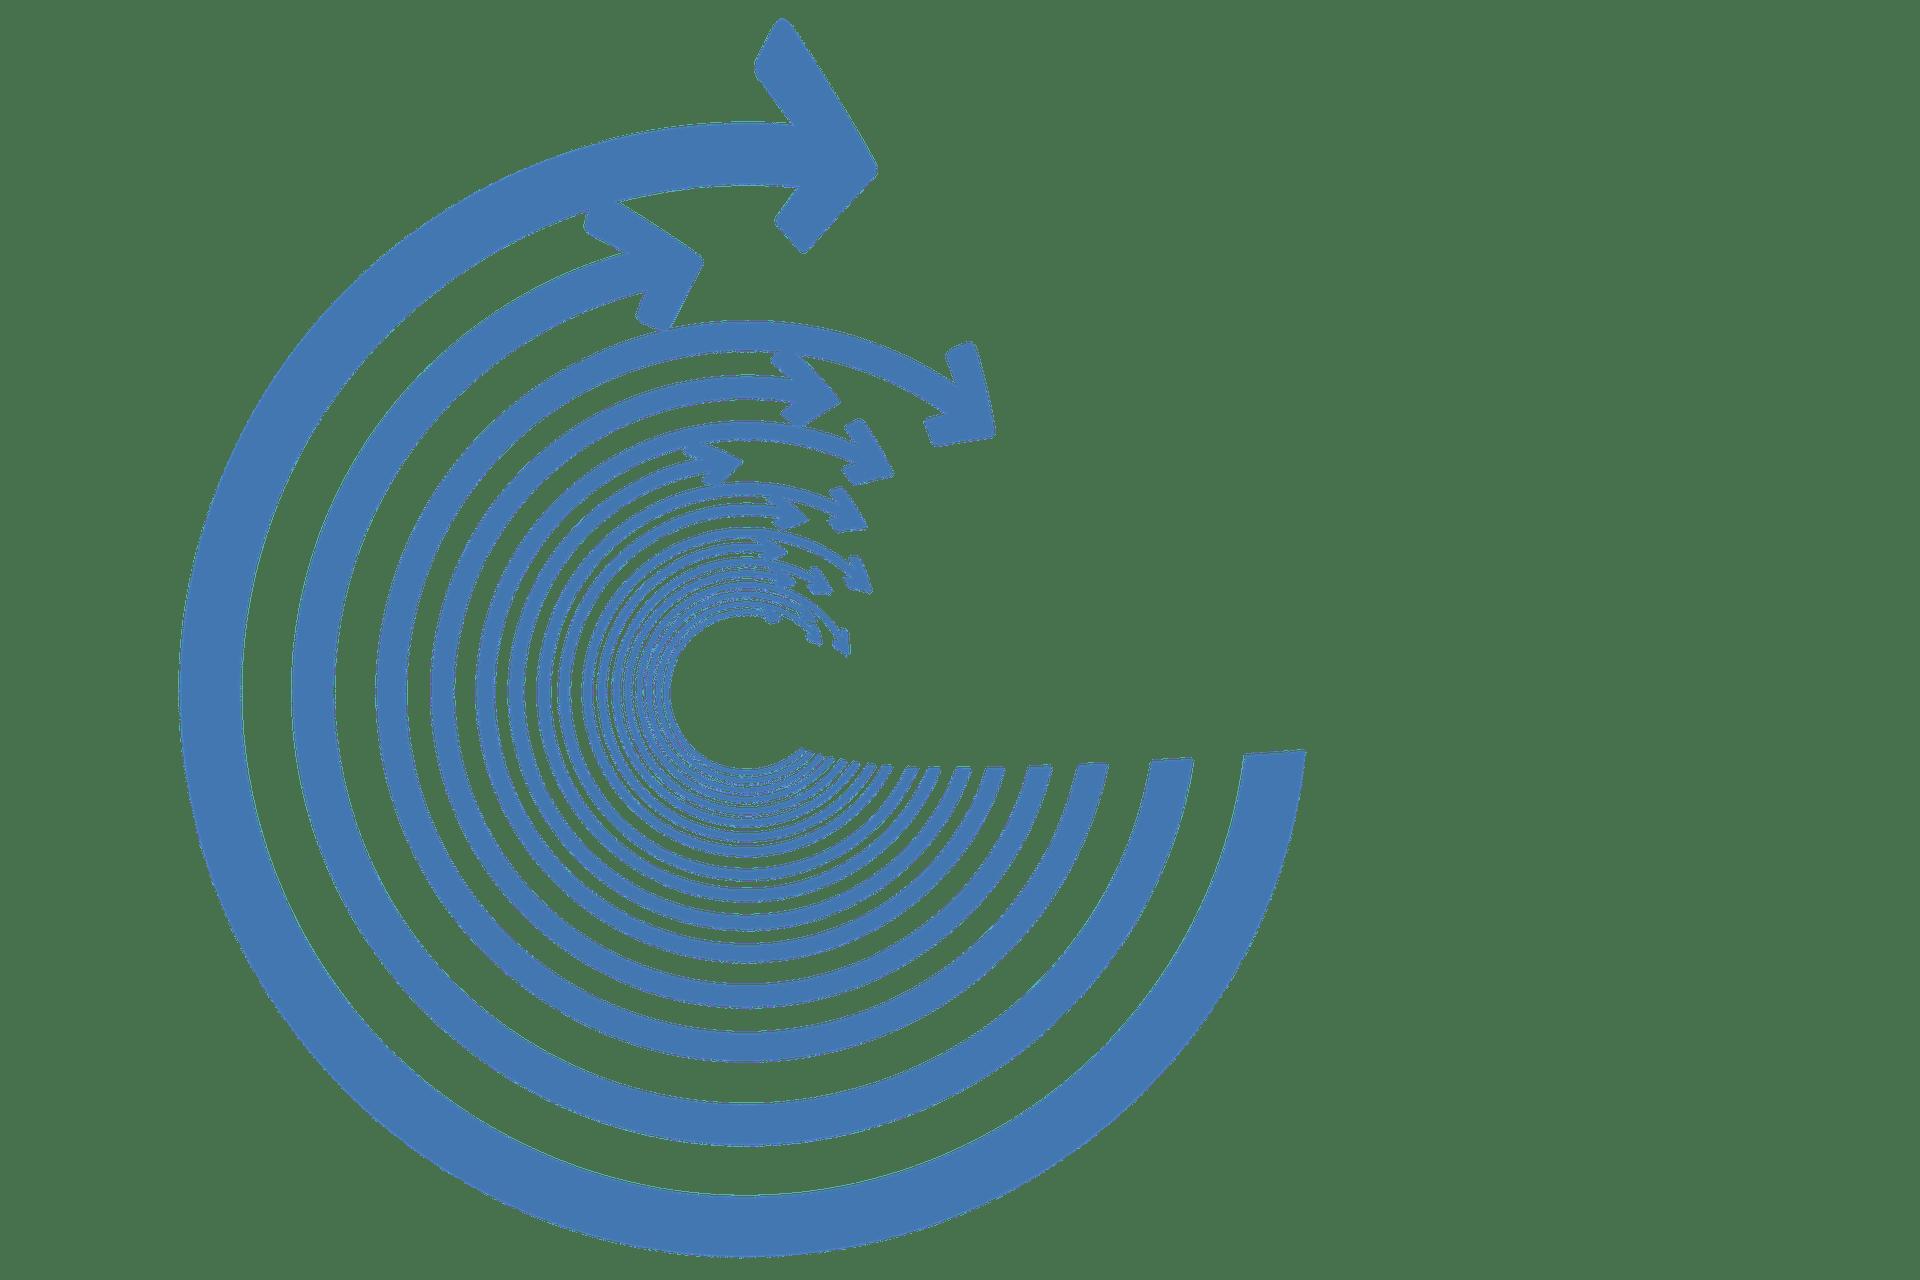 circulos concéntricos acercándose cada vez más al objetivo